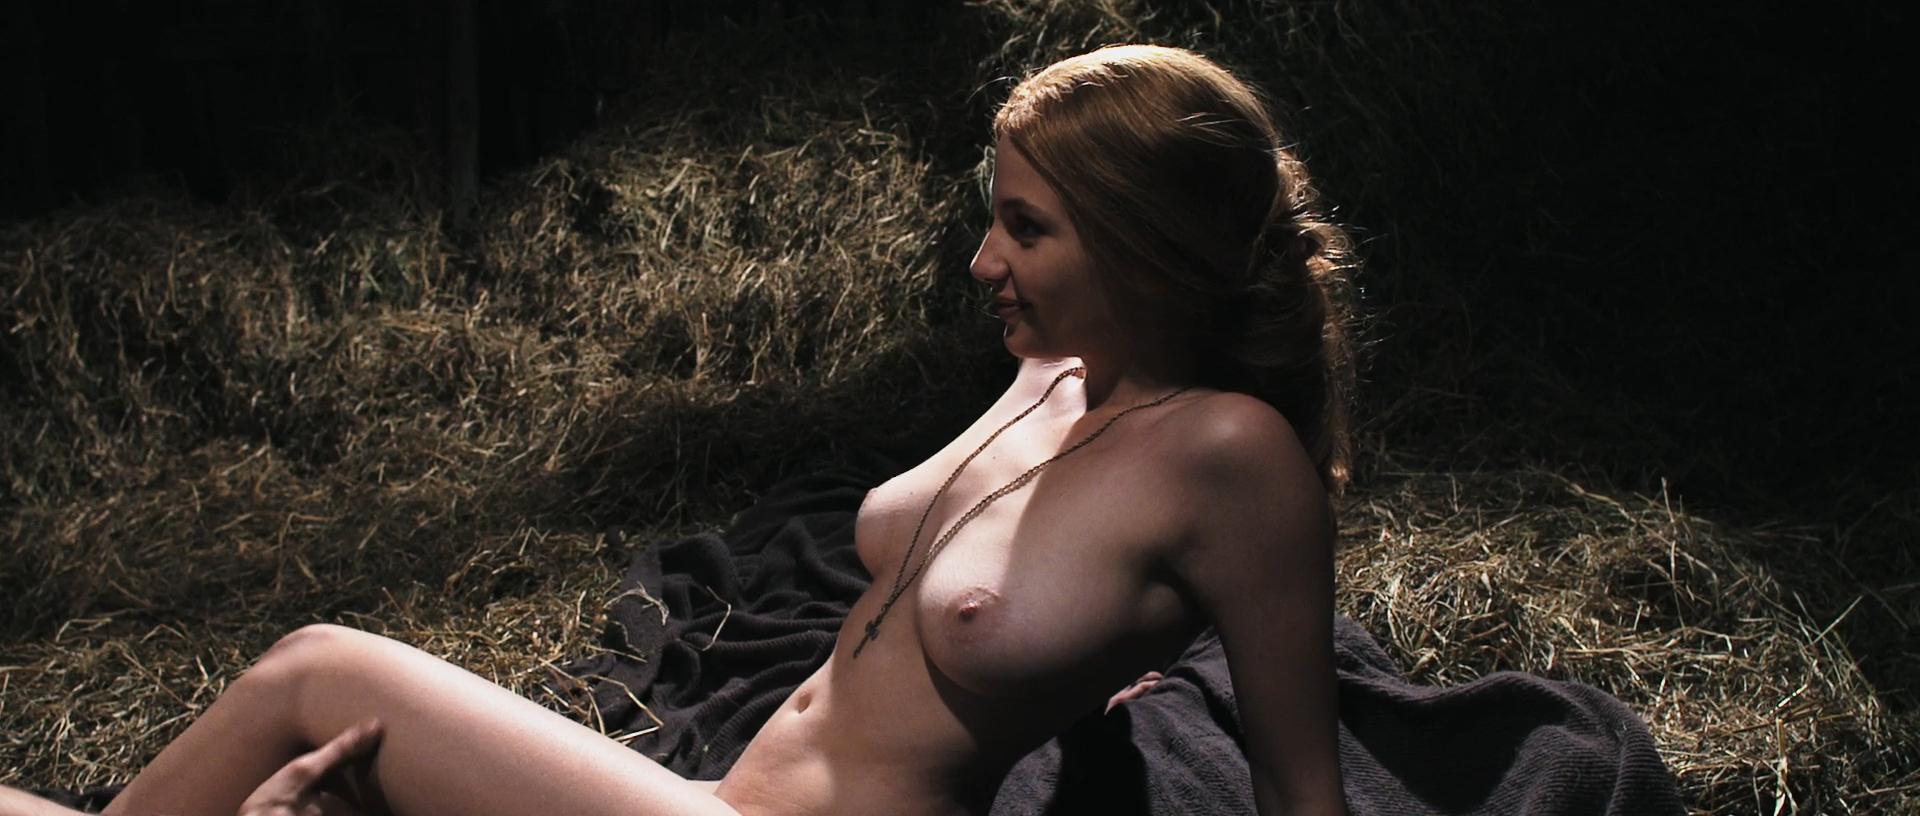 Miriam Giovanelli coño 1